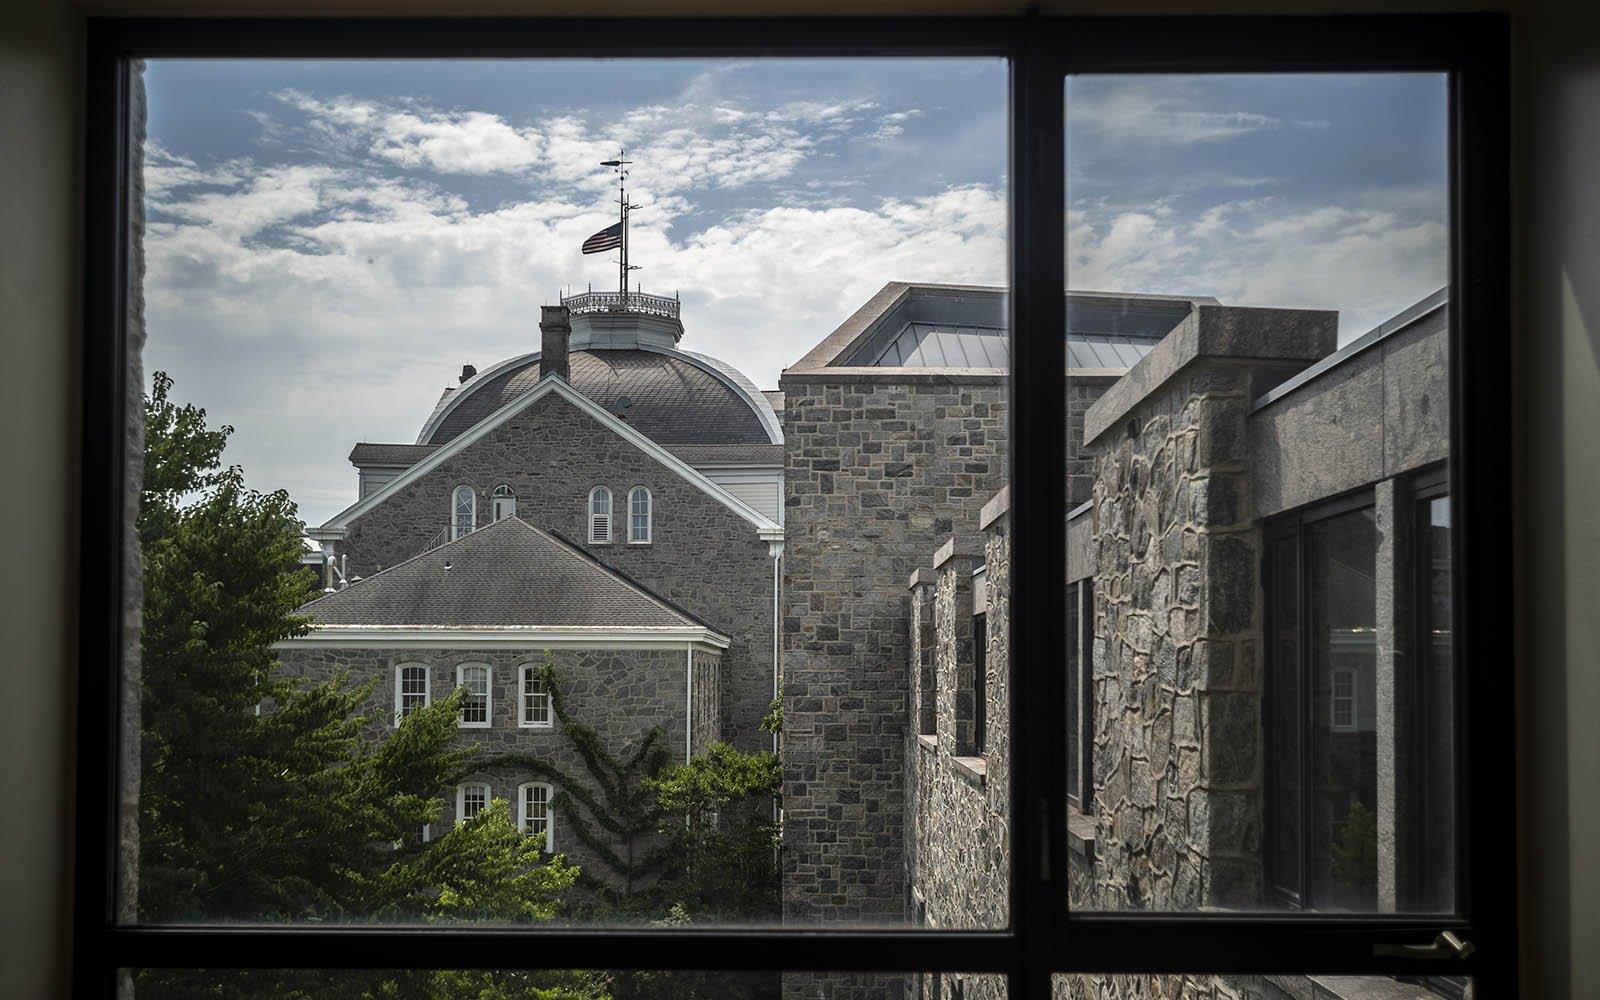 Looking through Kohlberg Hall window